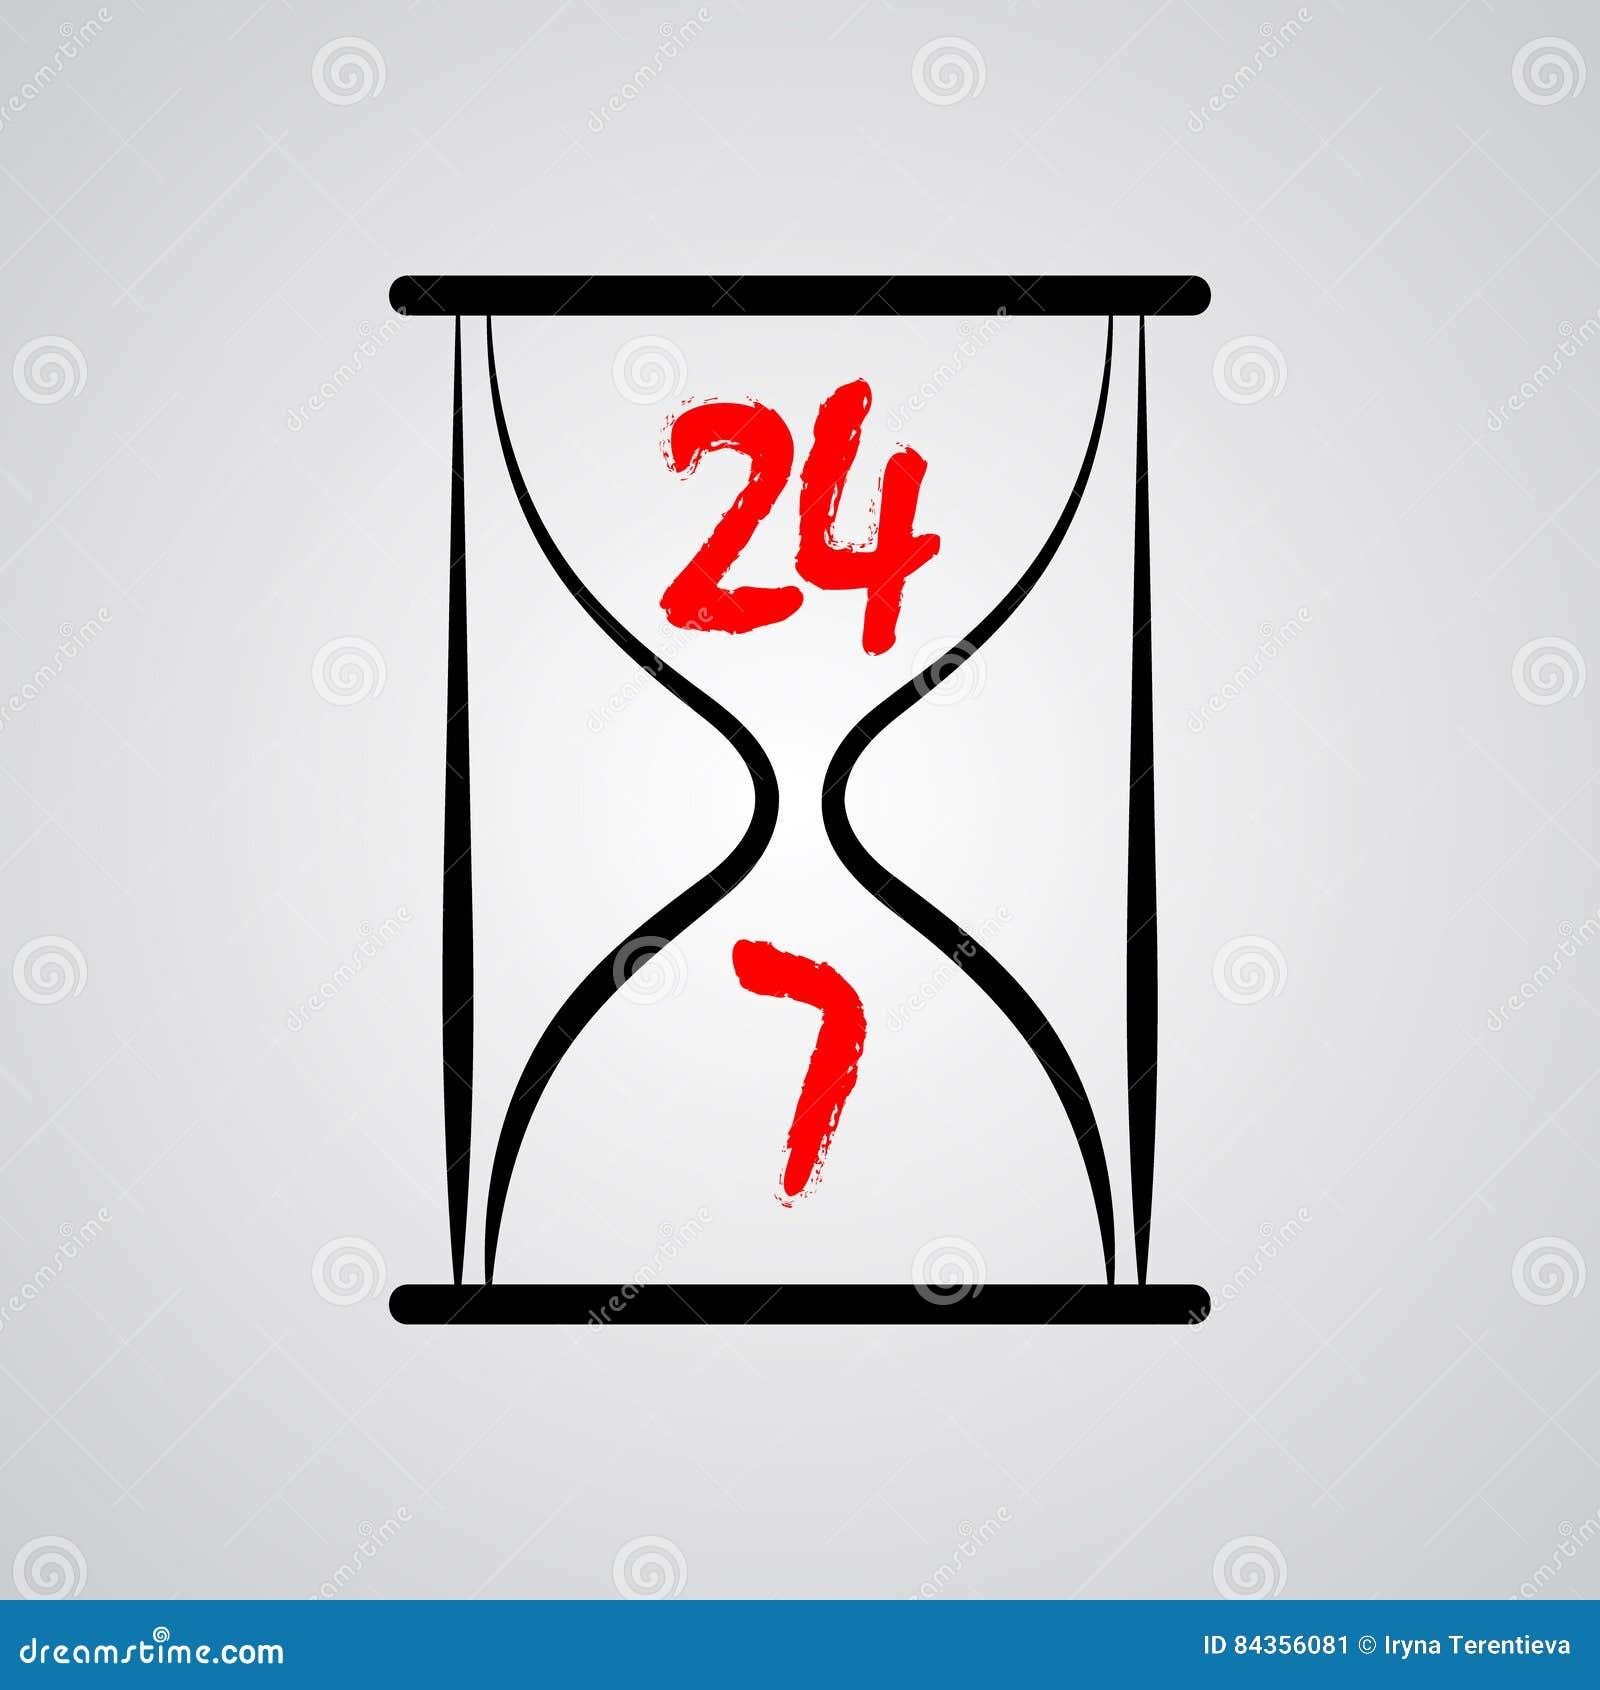 Reloj de arena veinticuatro horas por día 7 días a la semana